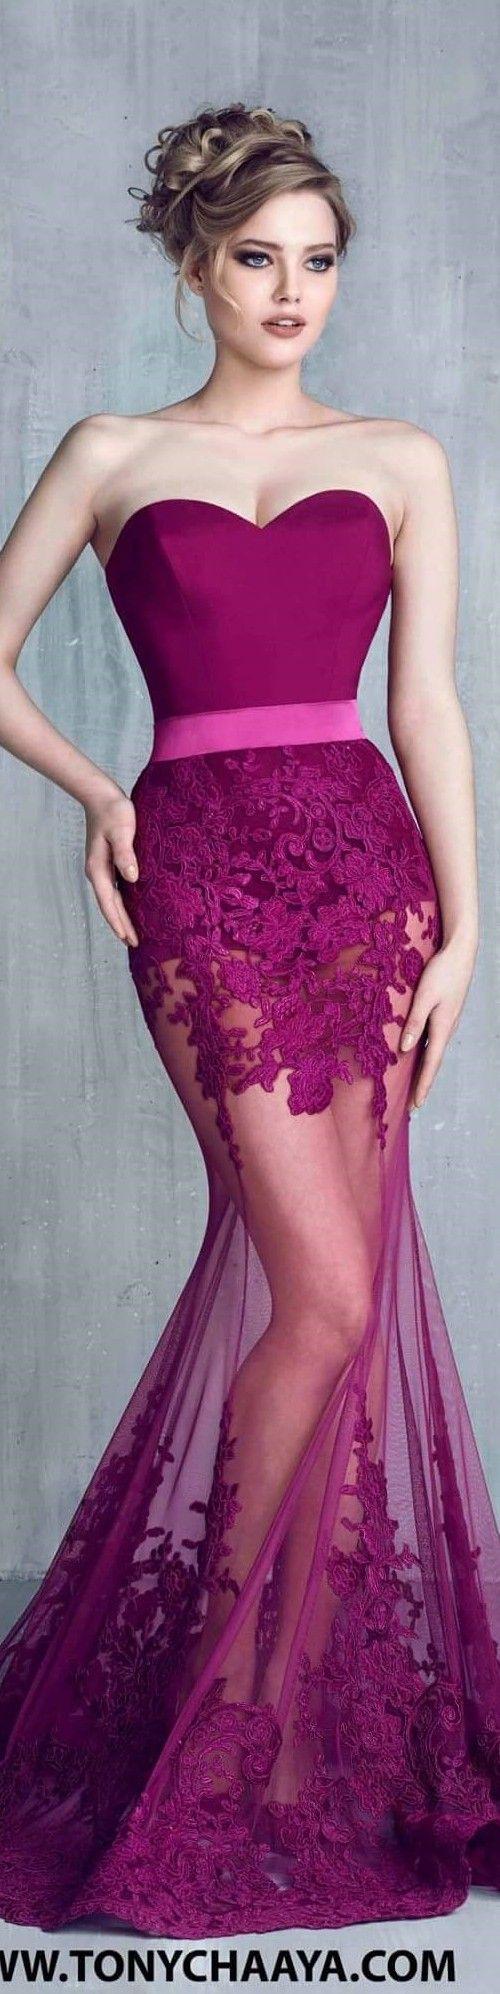 Vistoso La Boda Vestido De Boceto Galería - Colección de Vestidos de ...